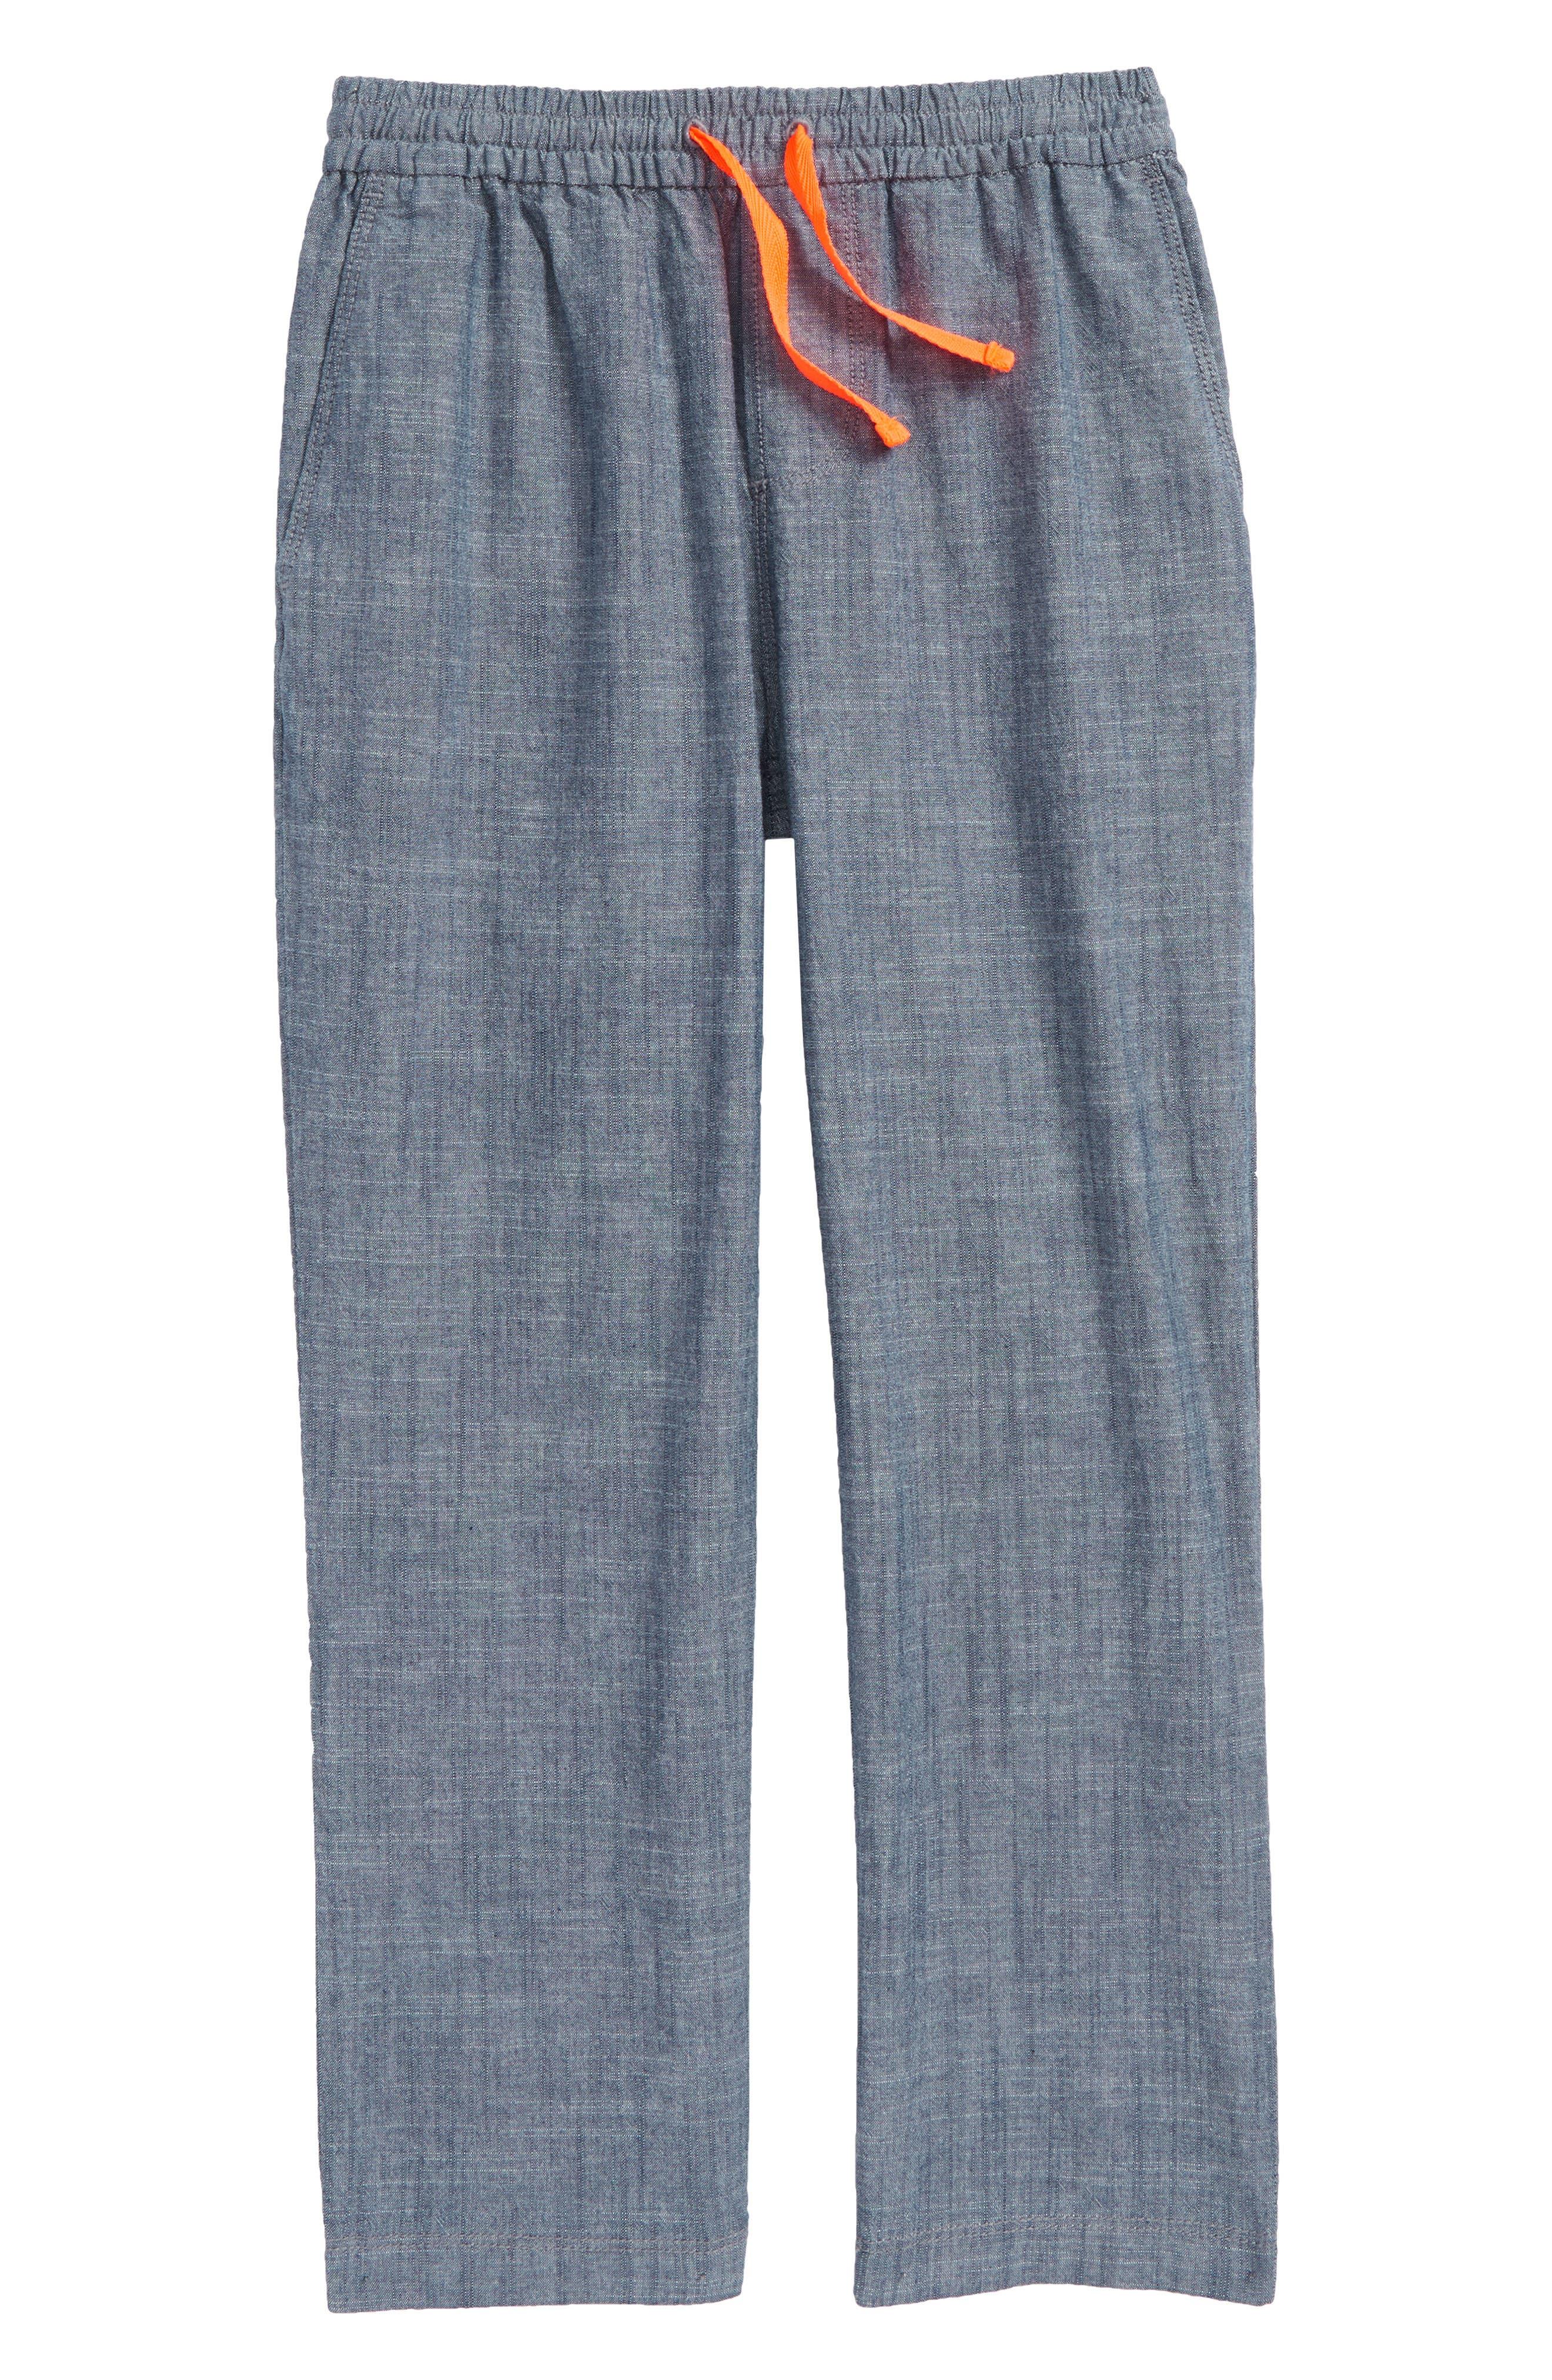 Summer Pull-On Pants,                             Main thumbnail 1, color,                             Mid Indigo Chambray